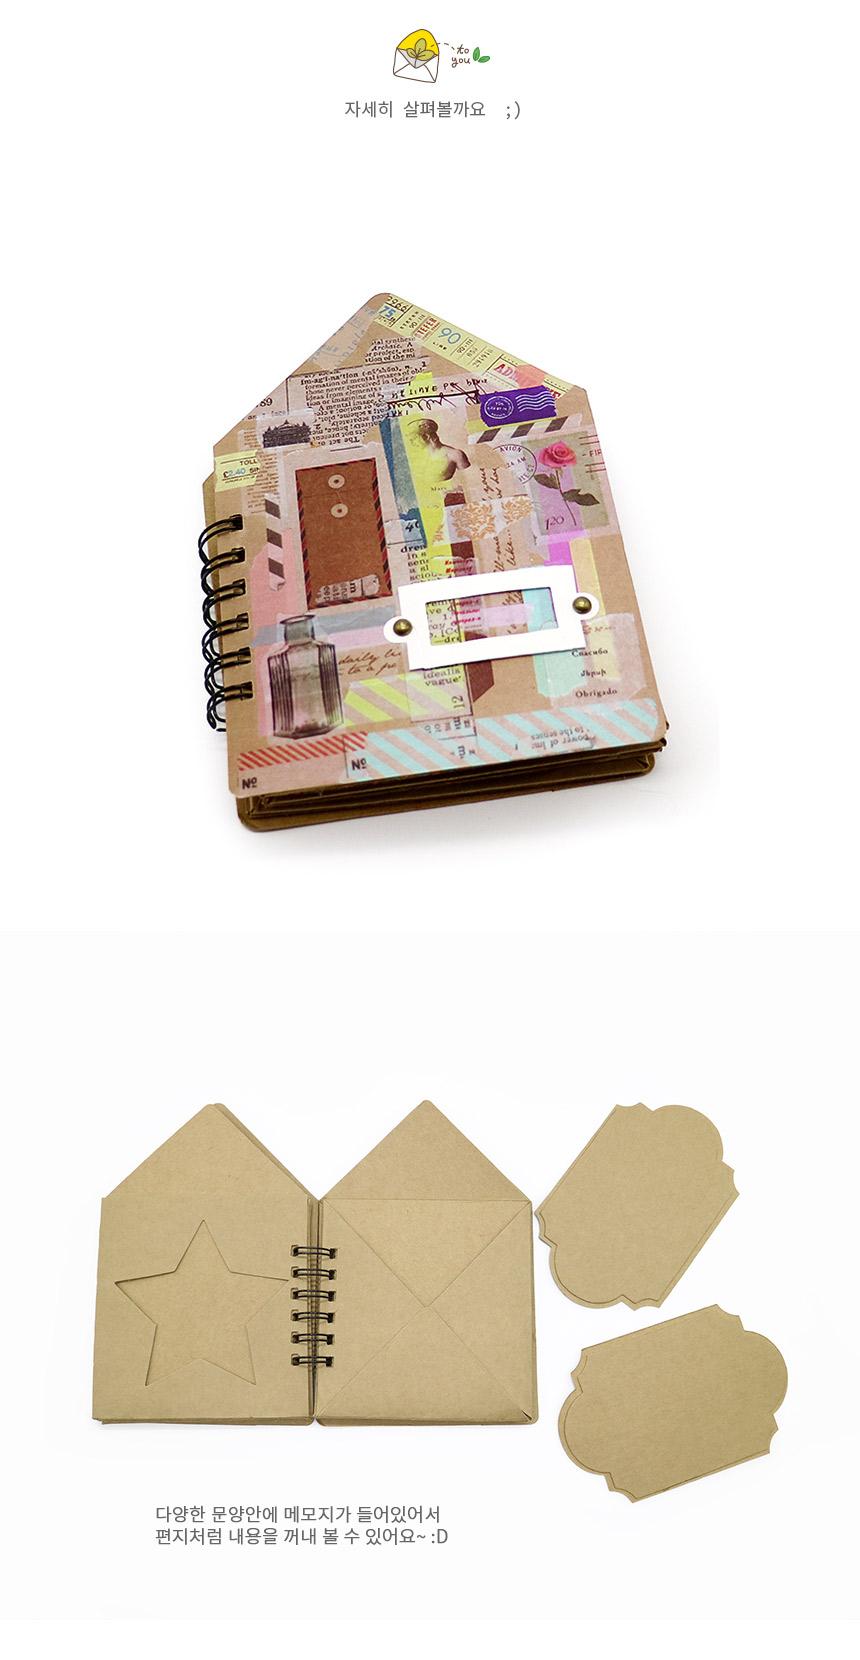 편지 북아트 스크랩북 - 만꾸(만들기와 꾸미기), 5,000원, 종이공예/북아트, 북아트 재료